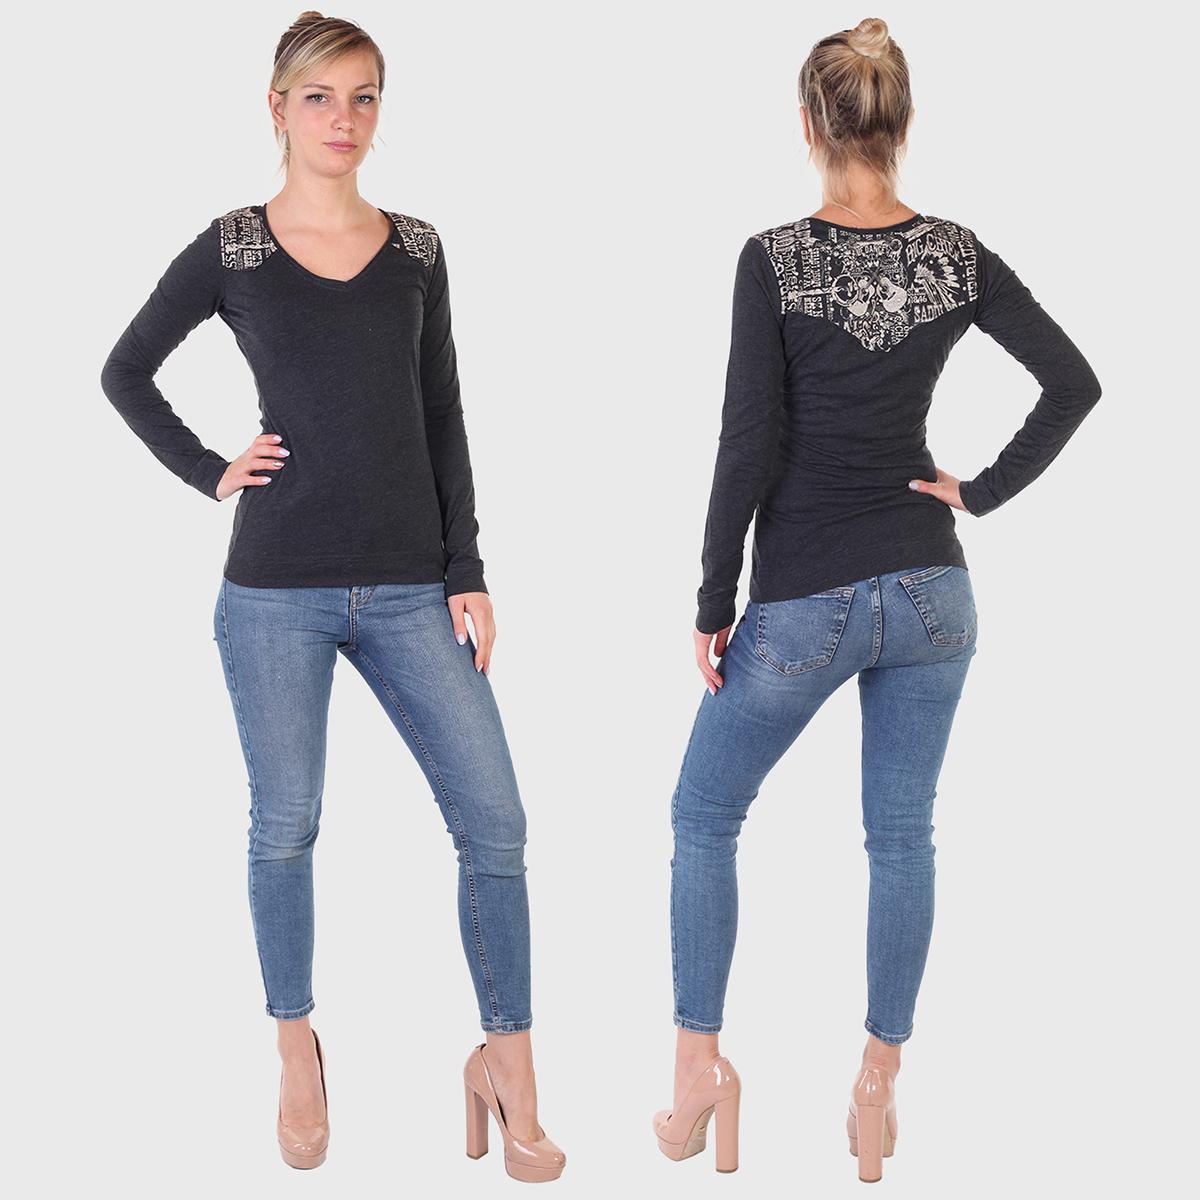 Модные женские регланы с оригинальными принтами – наличие, все размеры